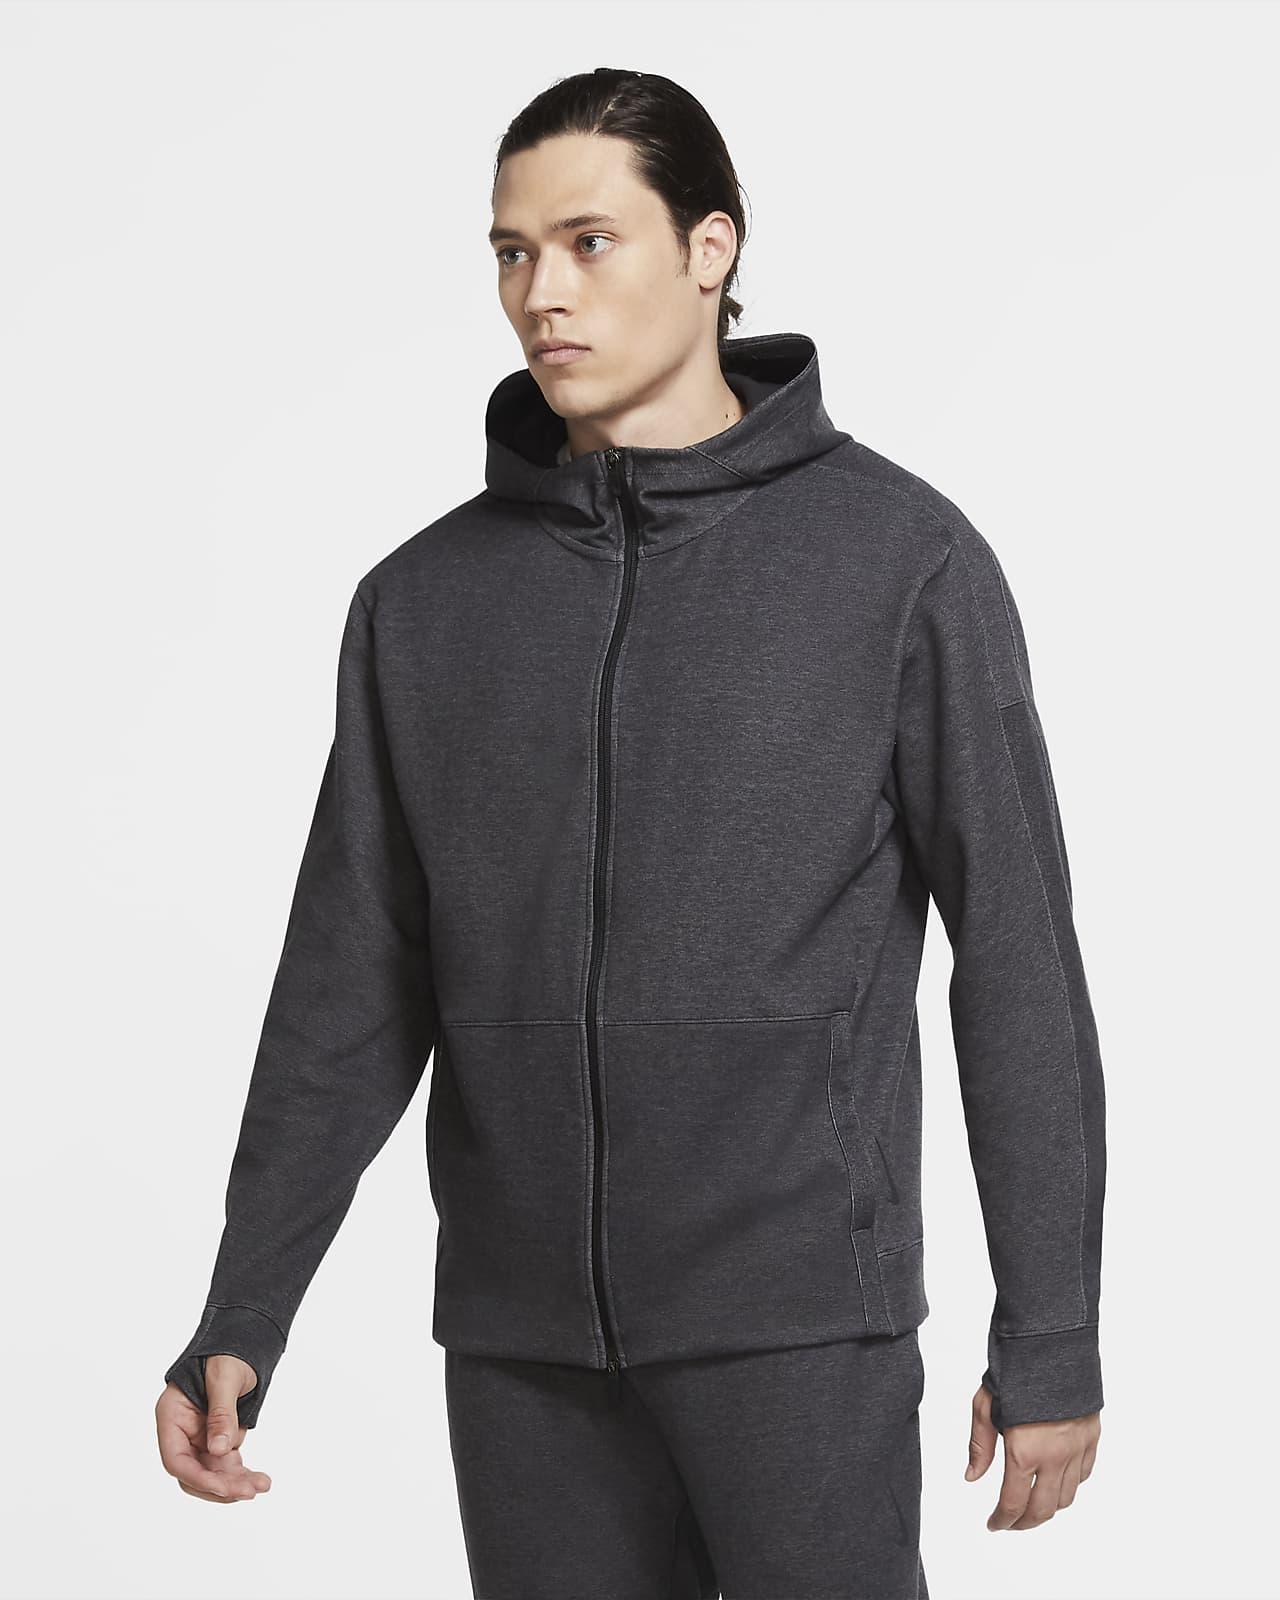 Felpa con cappuccio e zip a tutta lunghezza Nike Yoga - Uomo